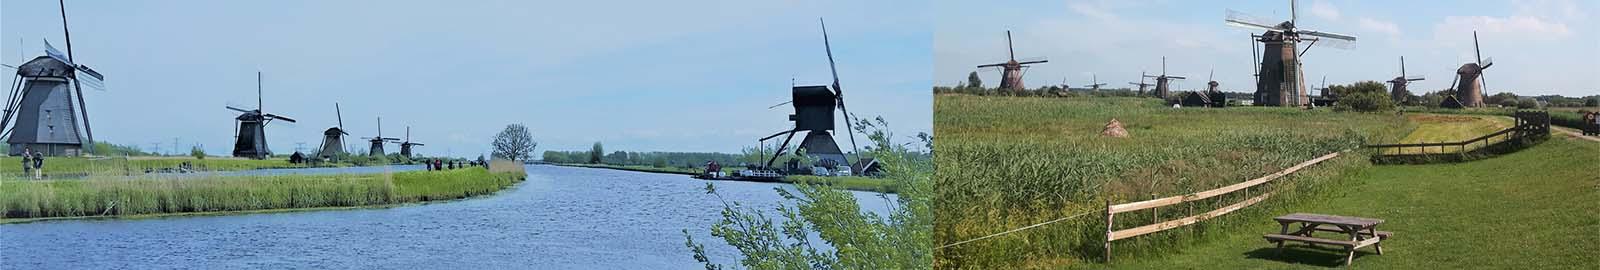 Kinderdijk 19 Windmühlen UNESCO Weltkulturerbe